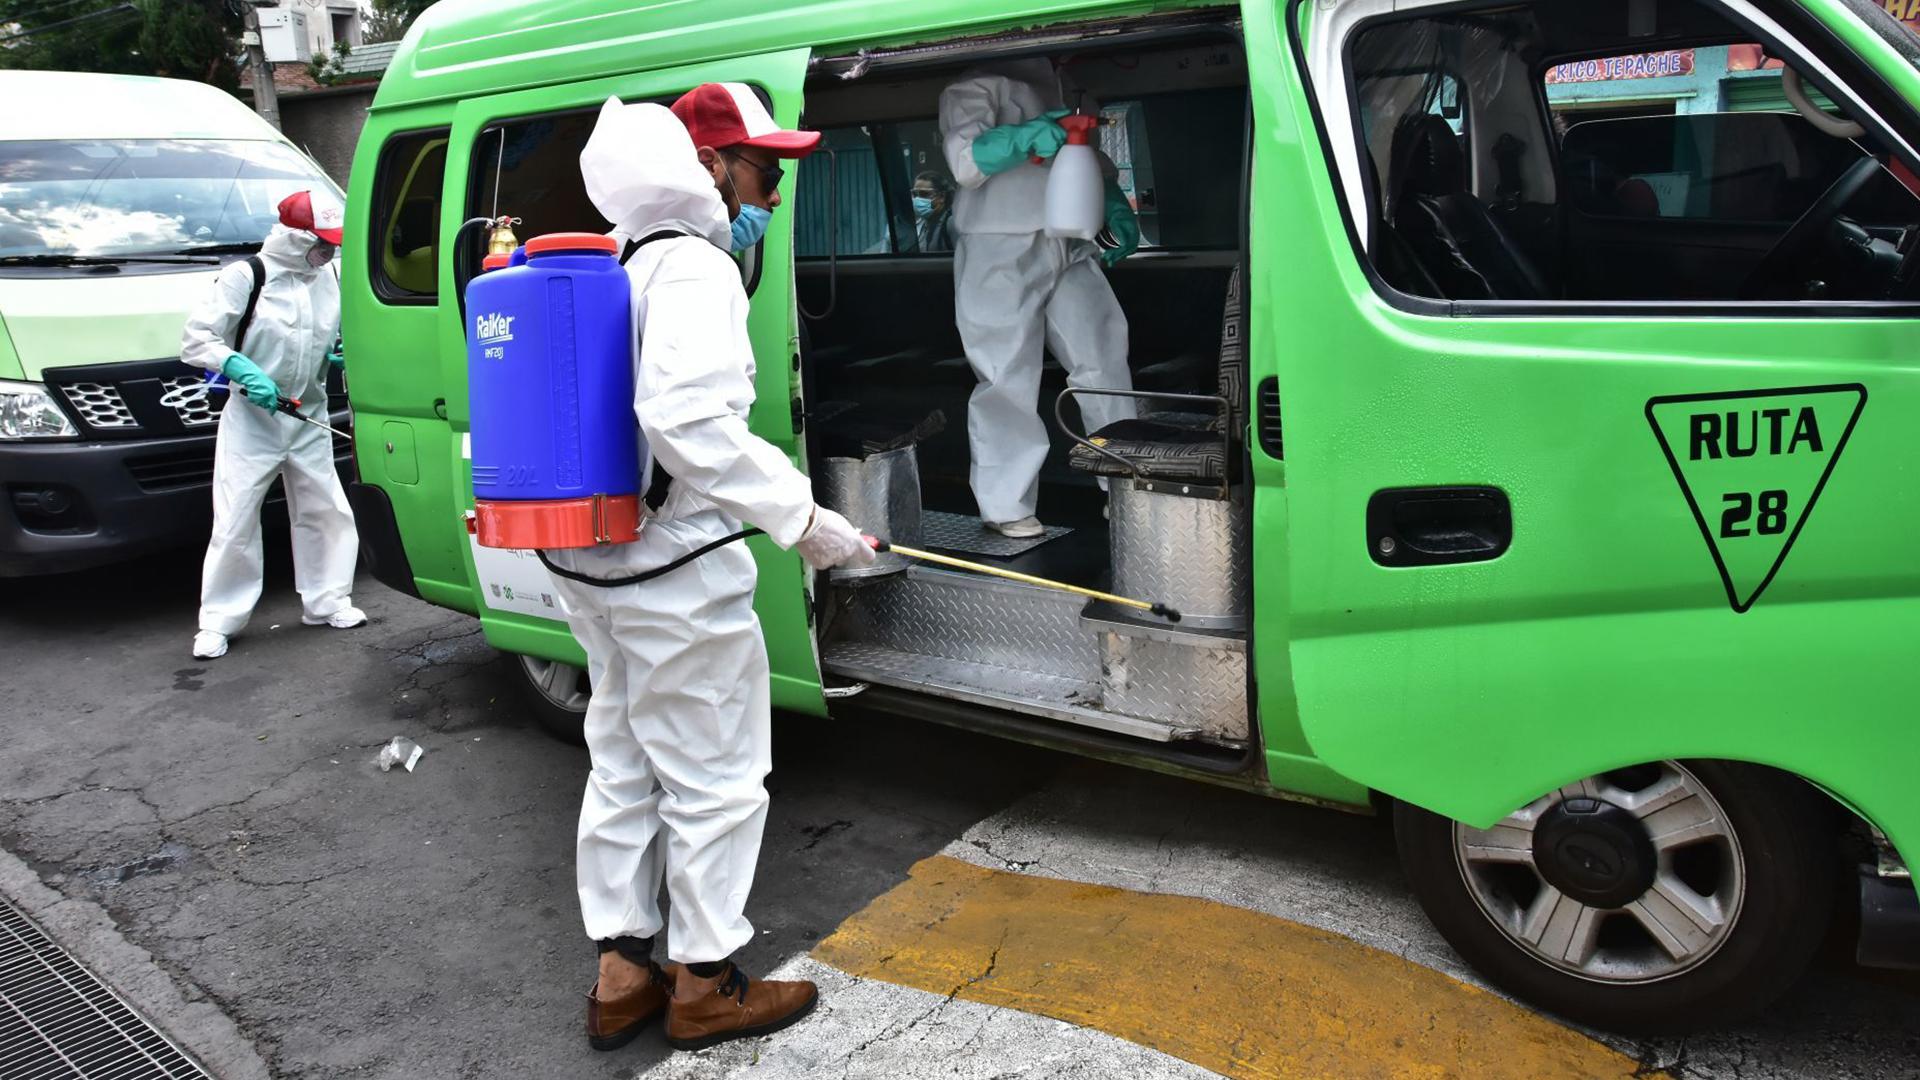 El personal que realiza estas labores cuenta con equipo de protección personal como guantes, cubrebocas, lentes protectores y trajes plásticos (Foto: Cuartoscuro)